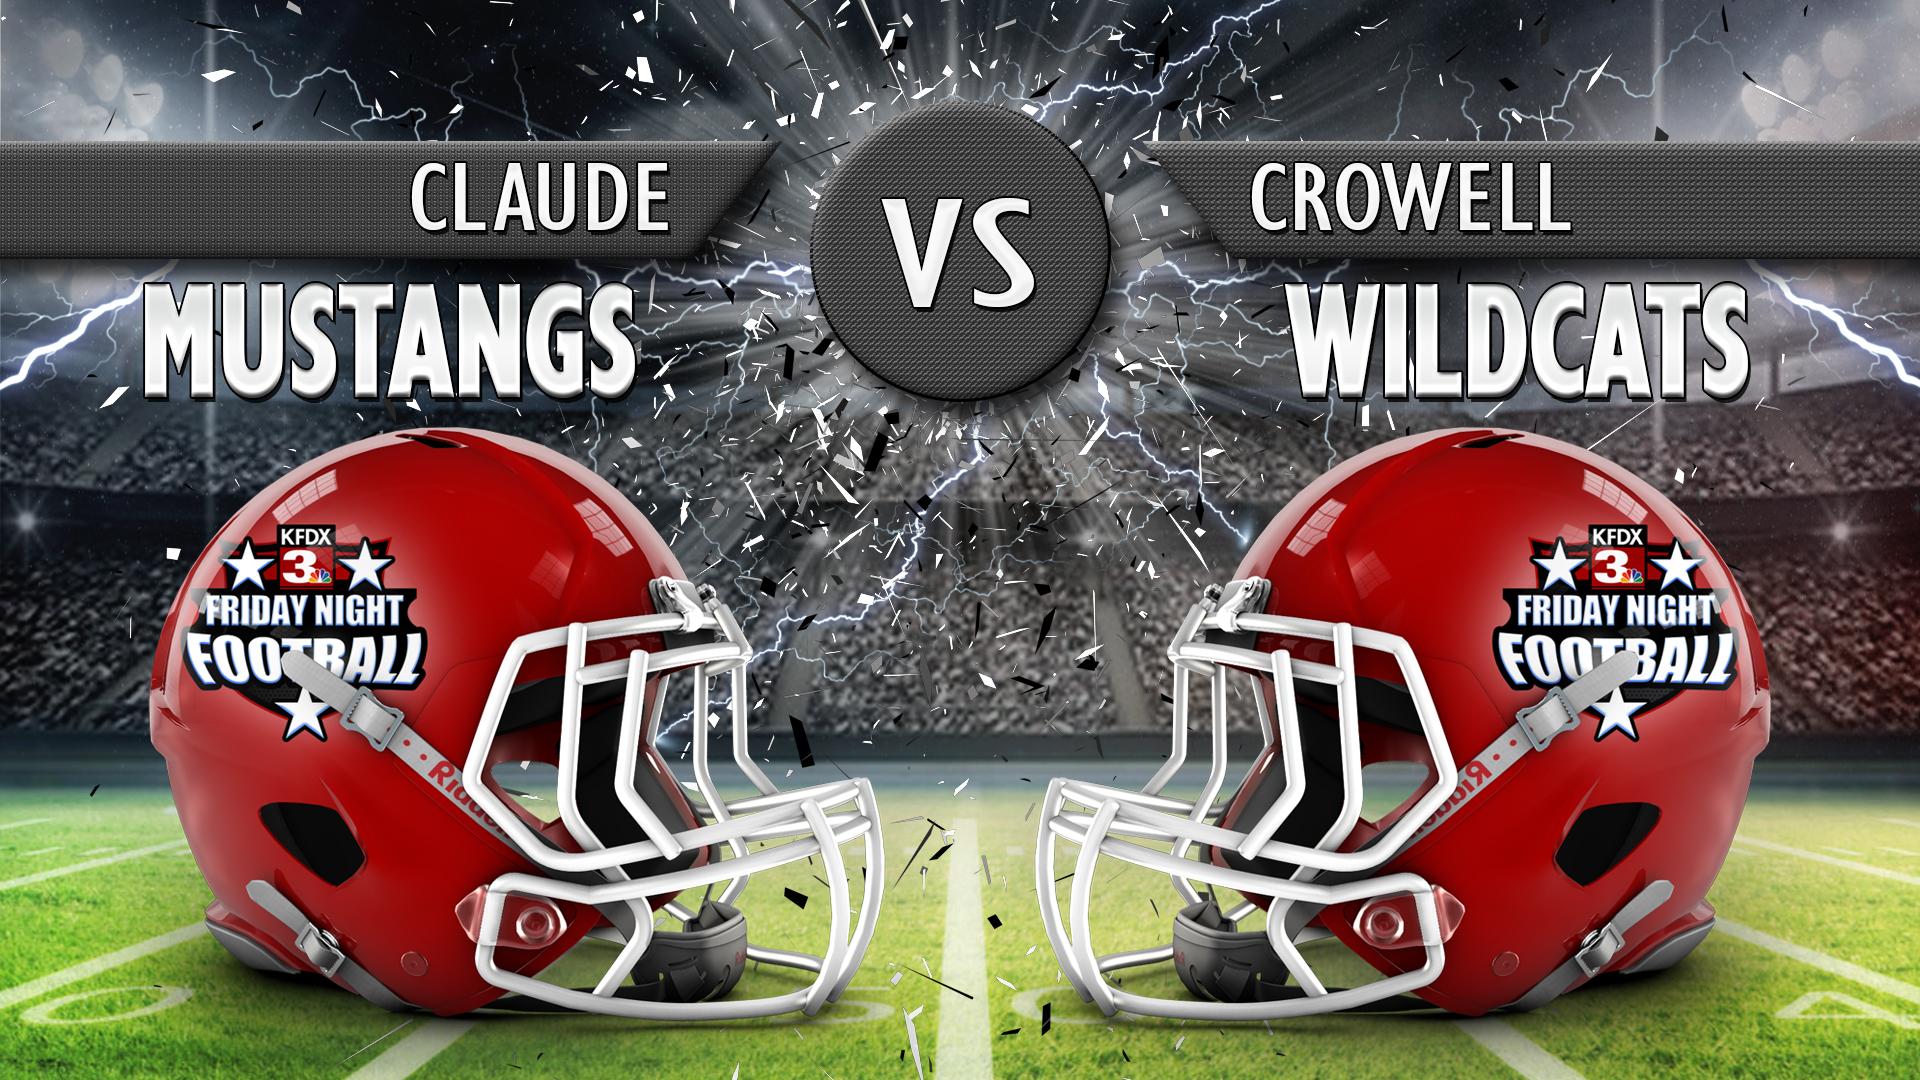 CLAUDE VS CROWELL_1538145385257.jpg.jpg